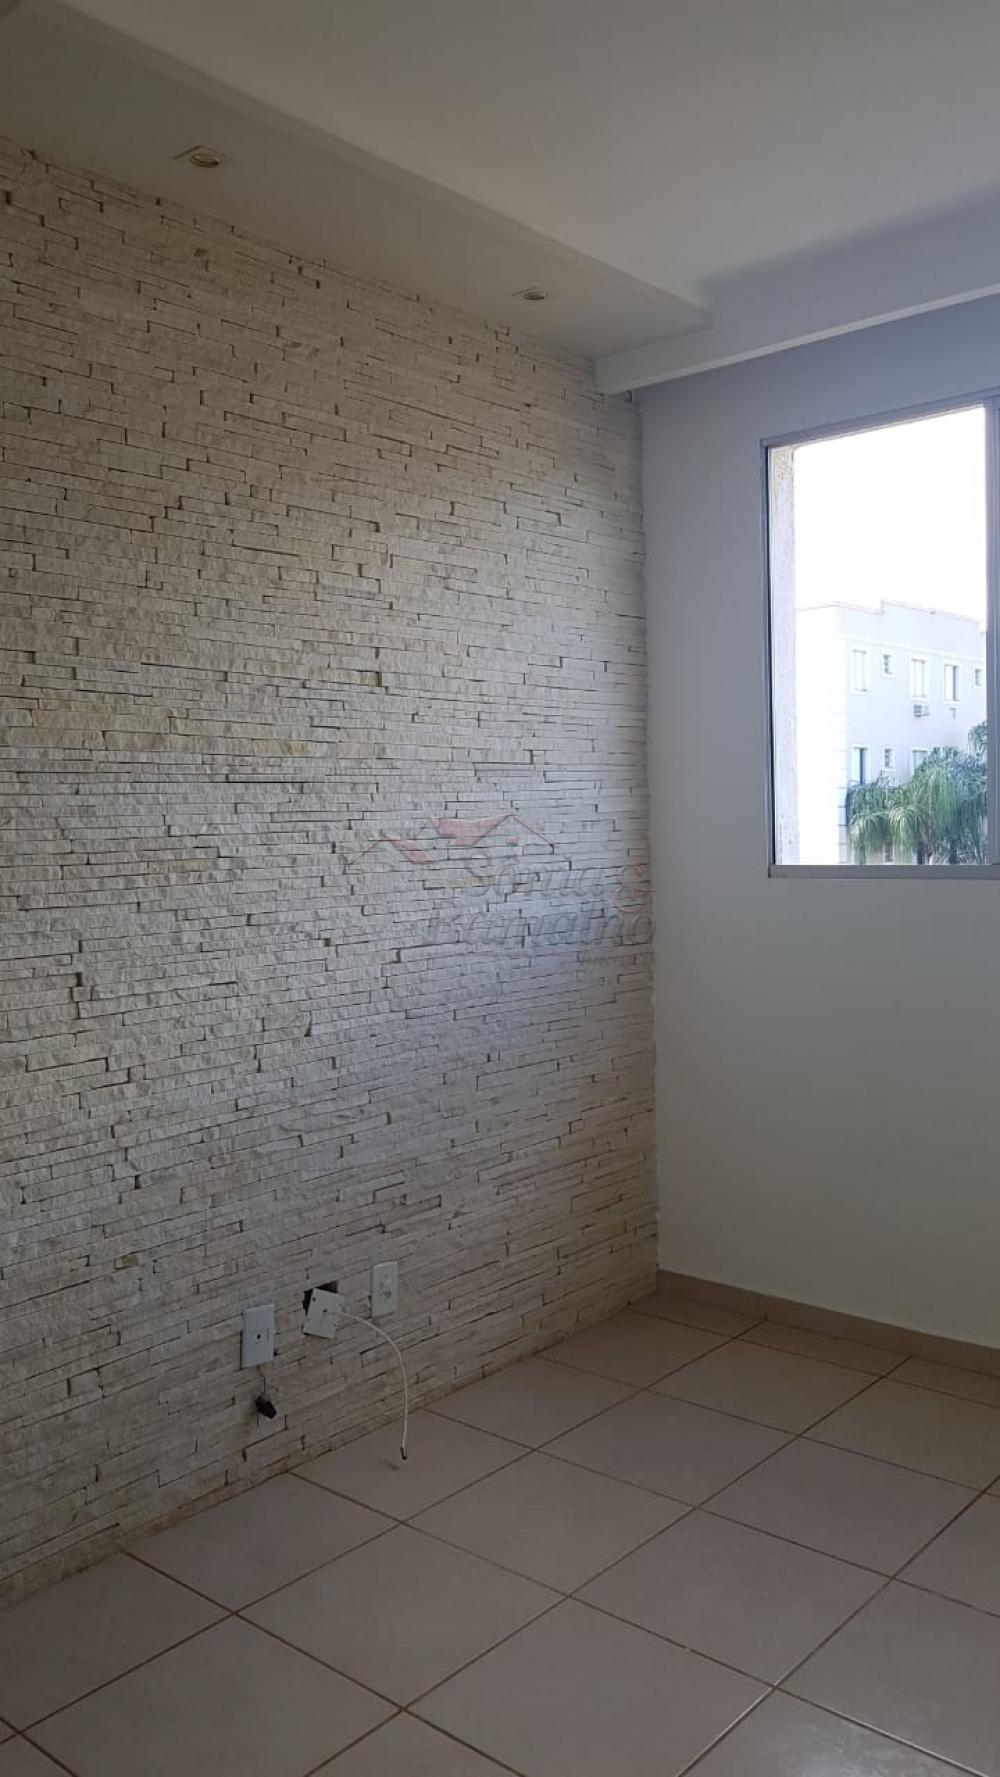 Alugar Apartamentos / Padrão em Ribeirão Preto apenas R$ 1.150,00 - Foto 2